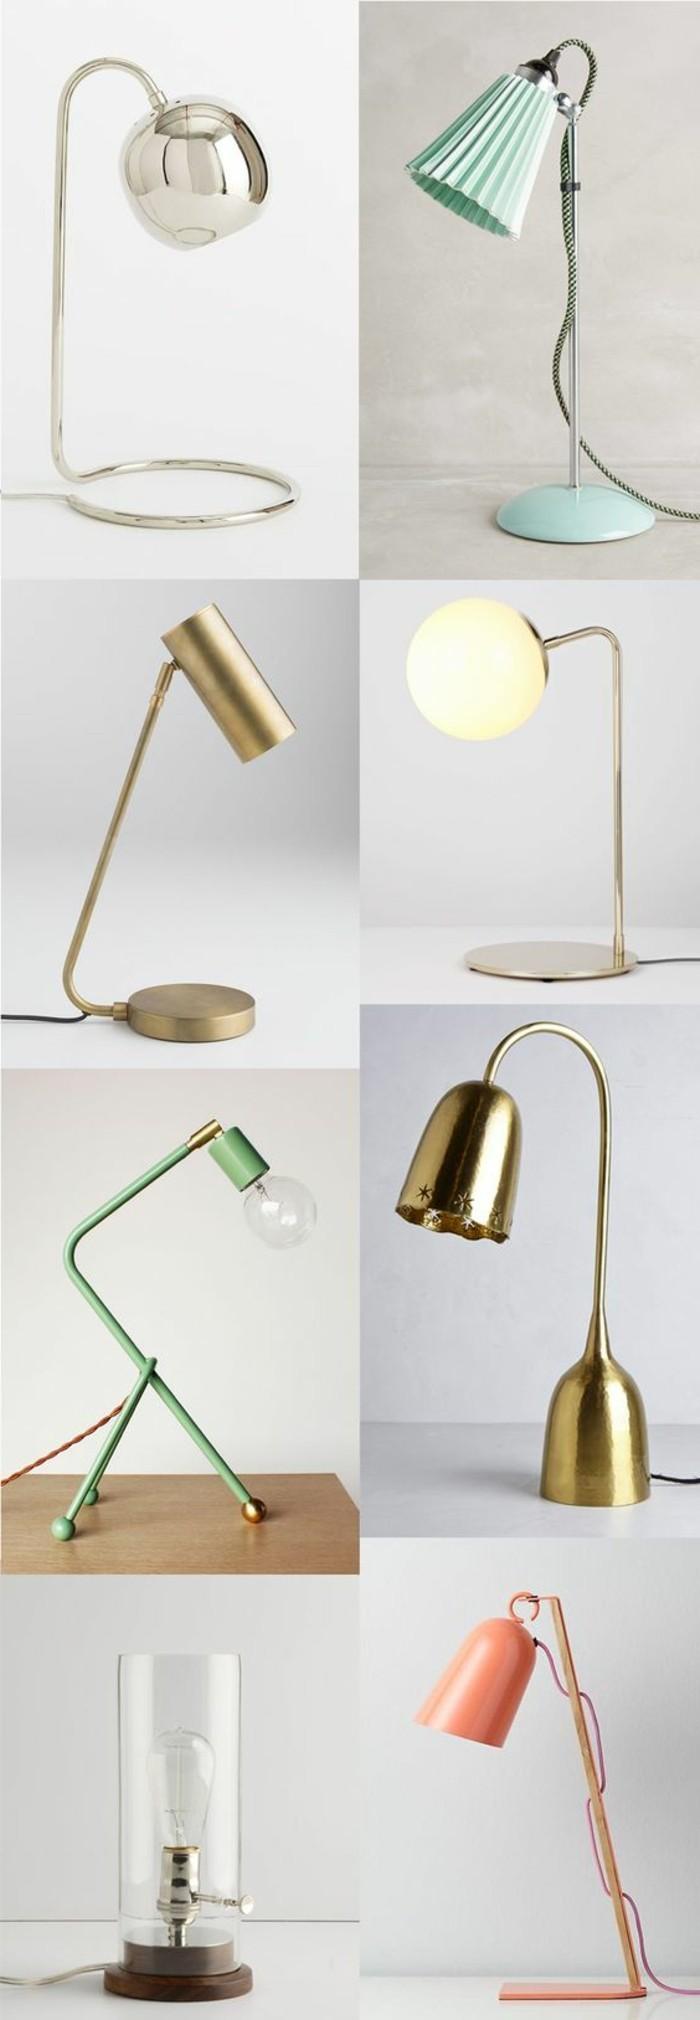 0-lampe-de-bureau-design-original-lampe-de-bureau-chic-lampe-originale